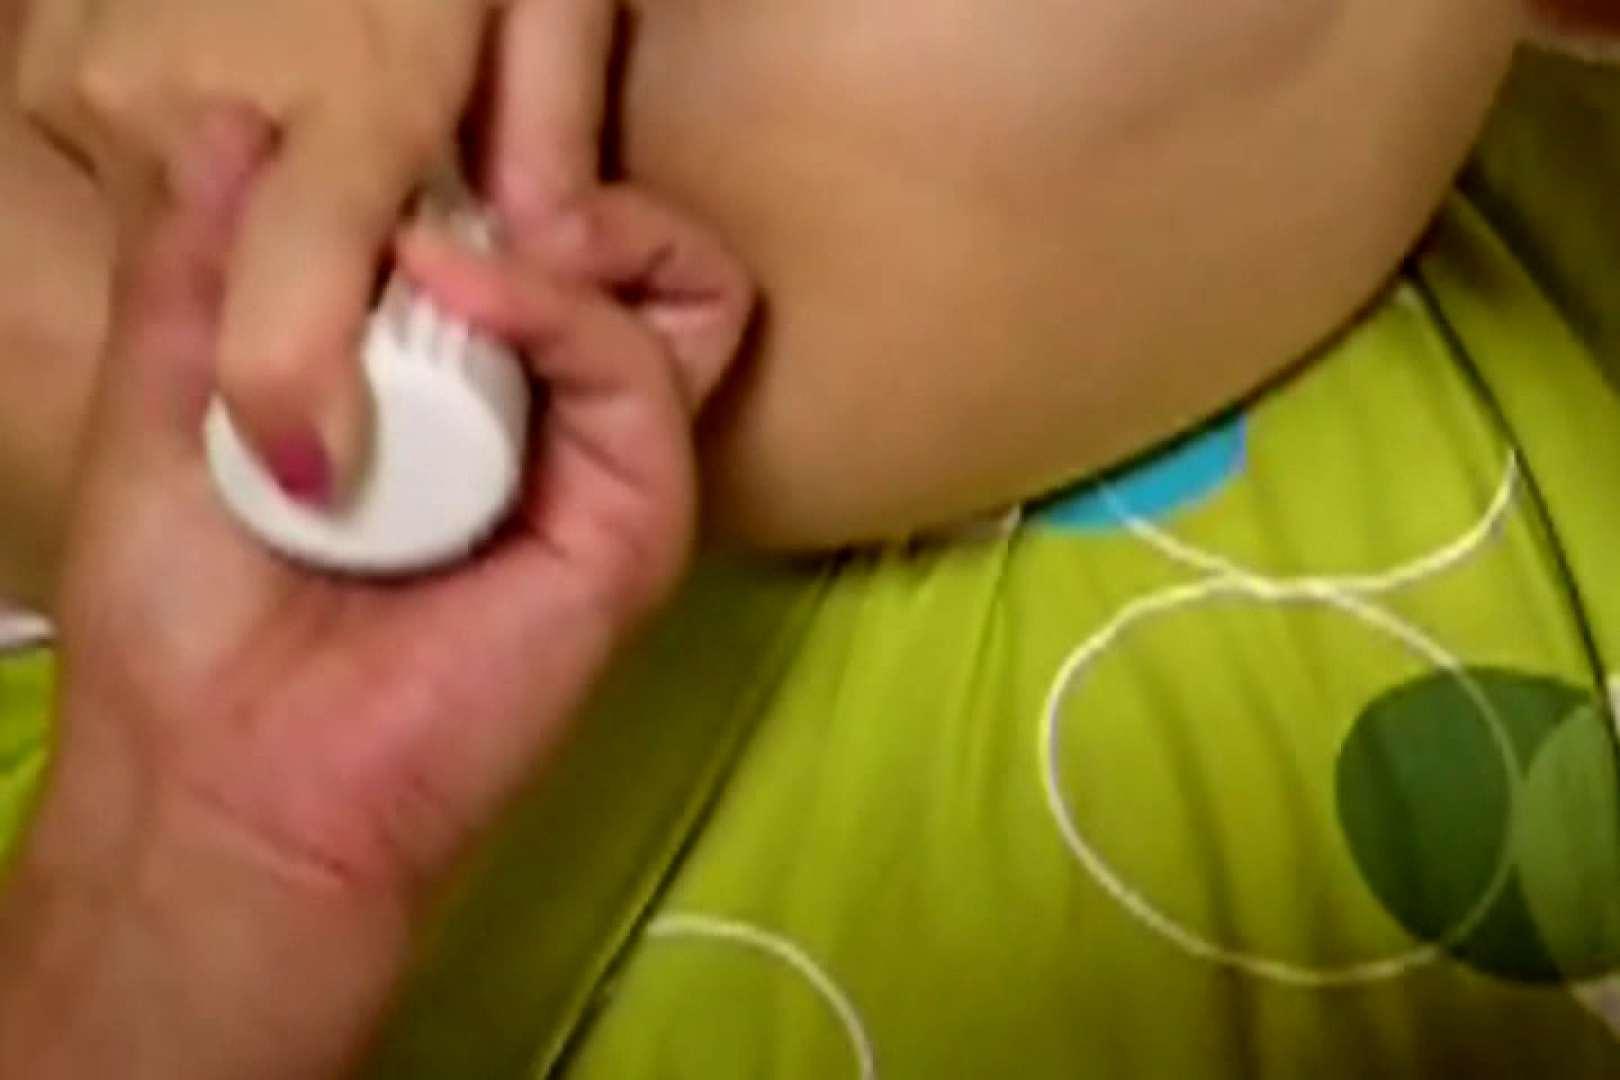 ウイルス流出 スクラムハット社長のアルバム バイブ  57pic 57